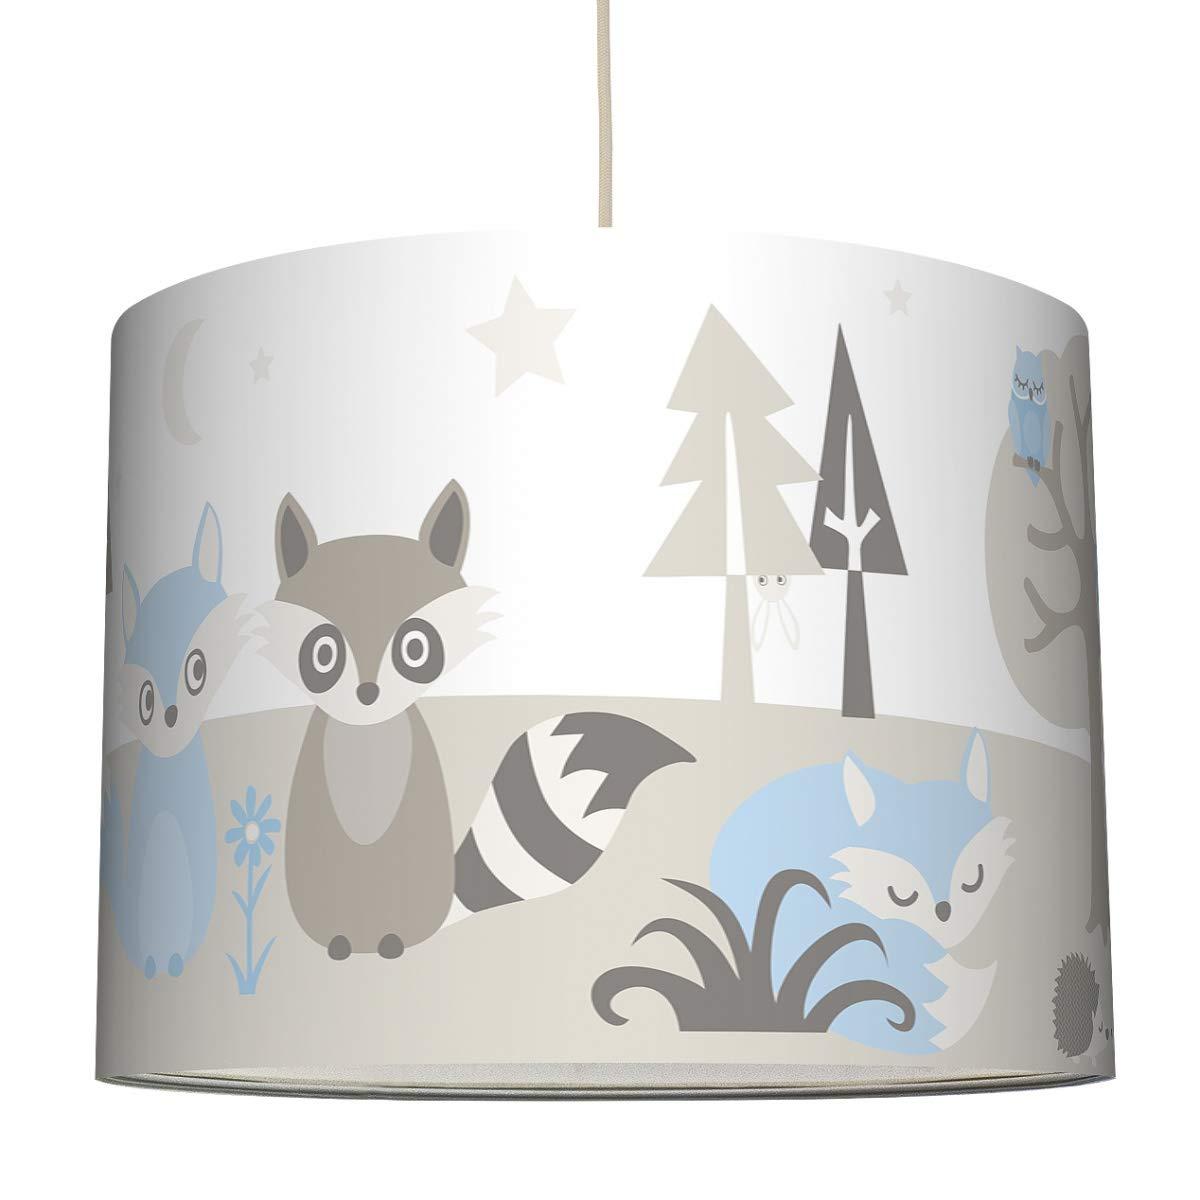 /ø 40 x 30 cm Lampenschirm f/ür Kinder//Baby Lampe mit Waldtieren anna wand H/ängelampe LITTLE WOOD HELLBLAU//GRAU BEIGE Sanftes Kinderzimmer Licht M/ädchen /& Junge